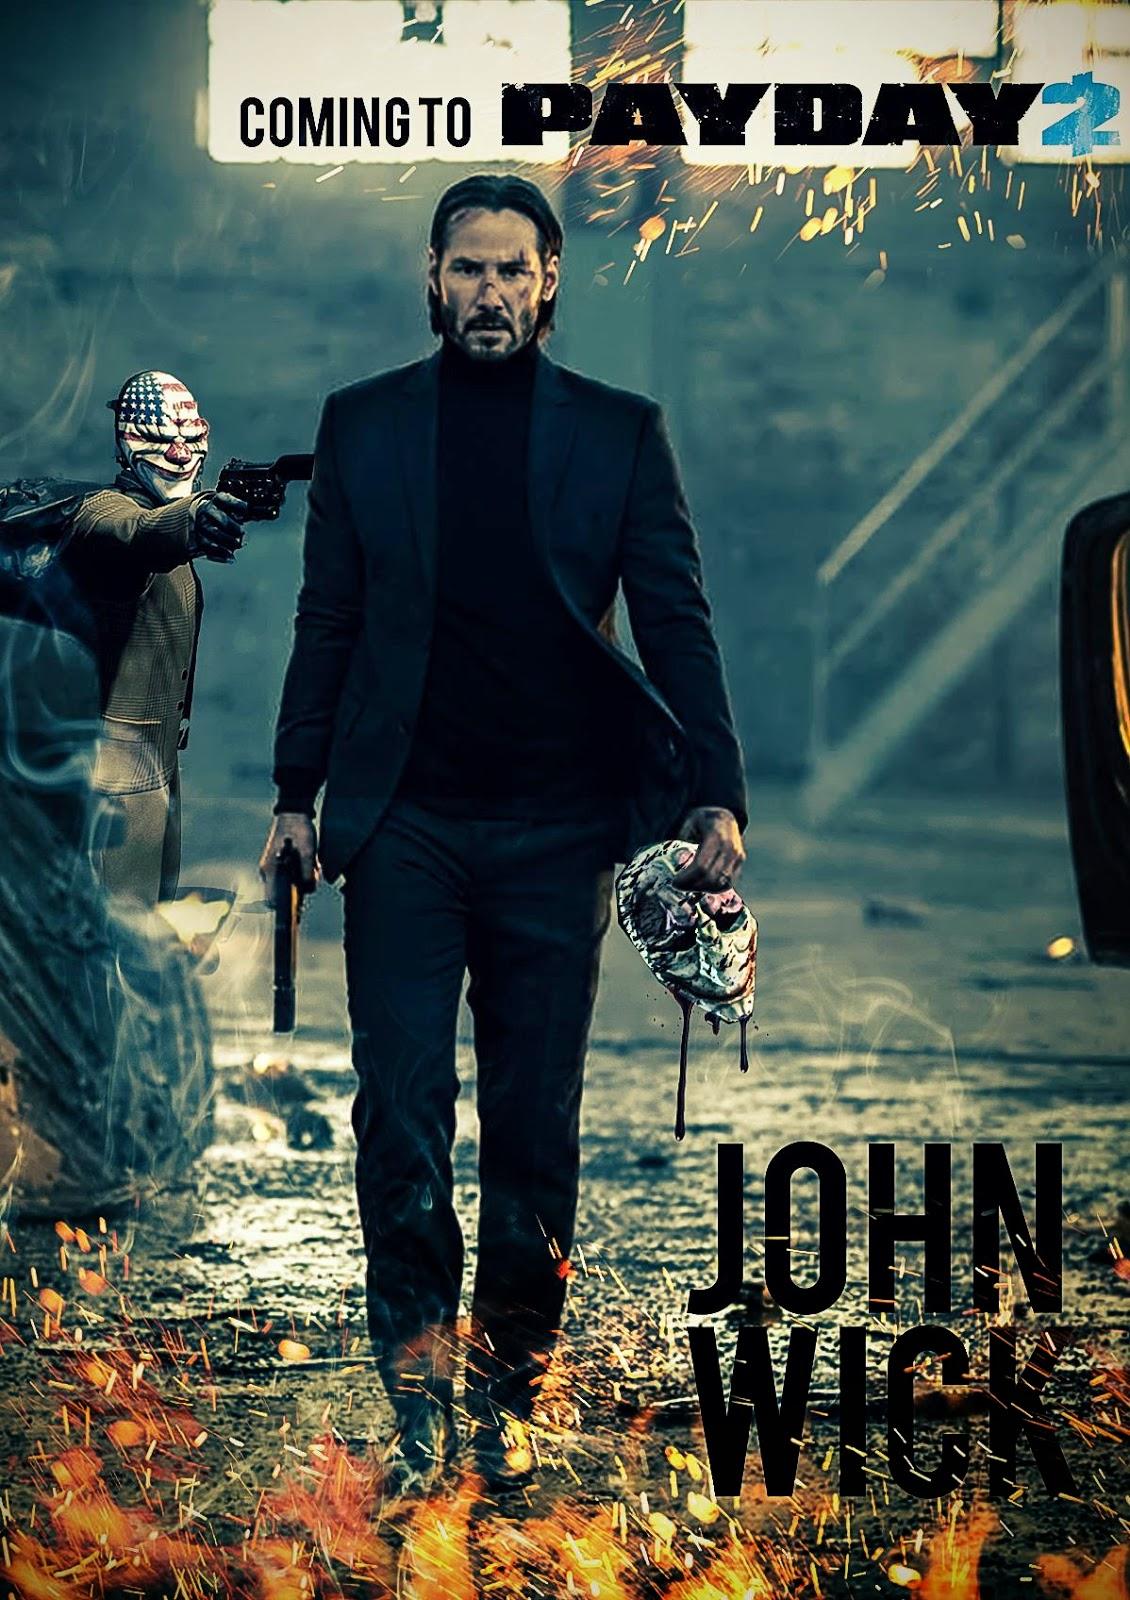 John Wick จอห์น วิค แรงกว่านรก [HD][พากย์ไทย]